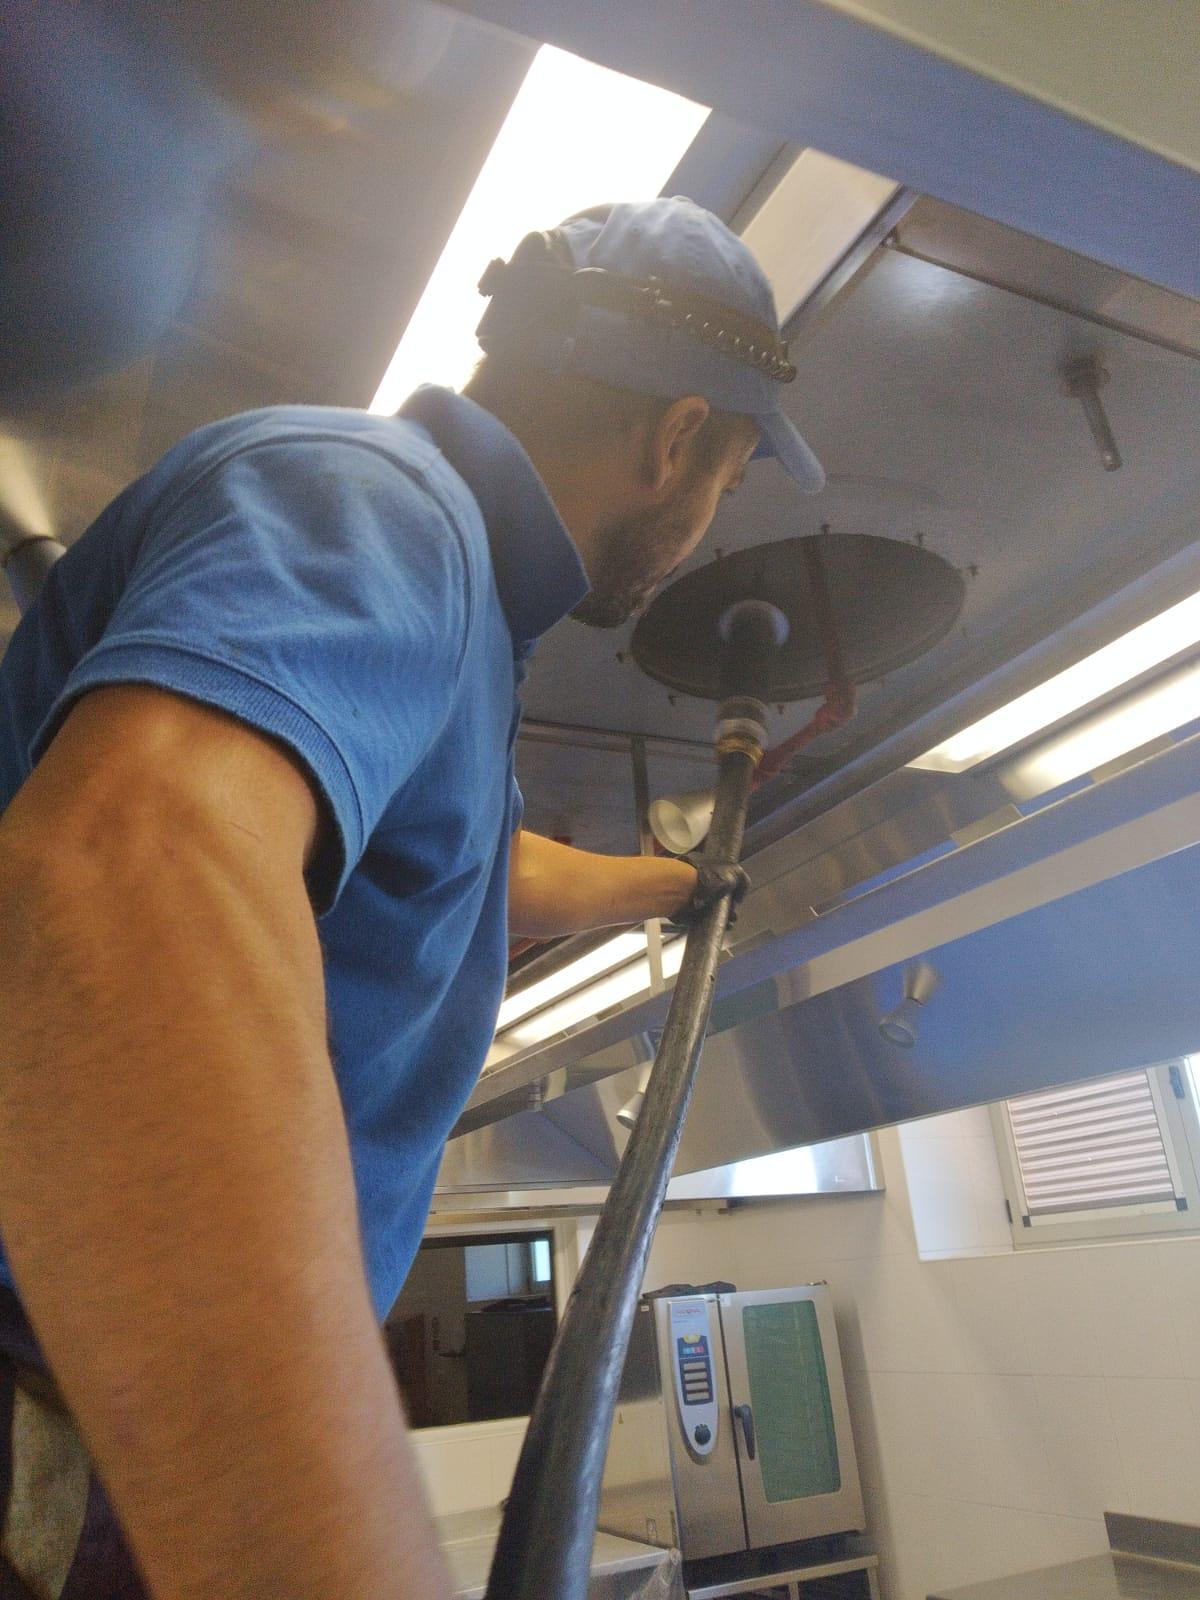 Limpieza de conductos – Cepillado del sistema